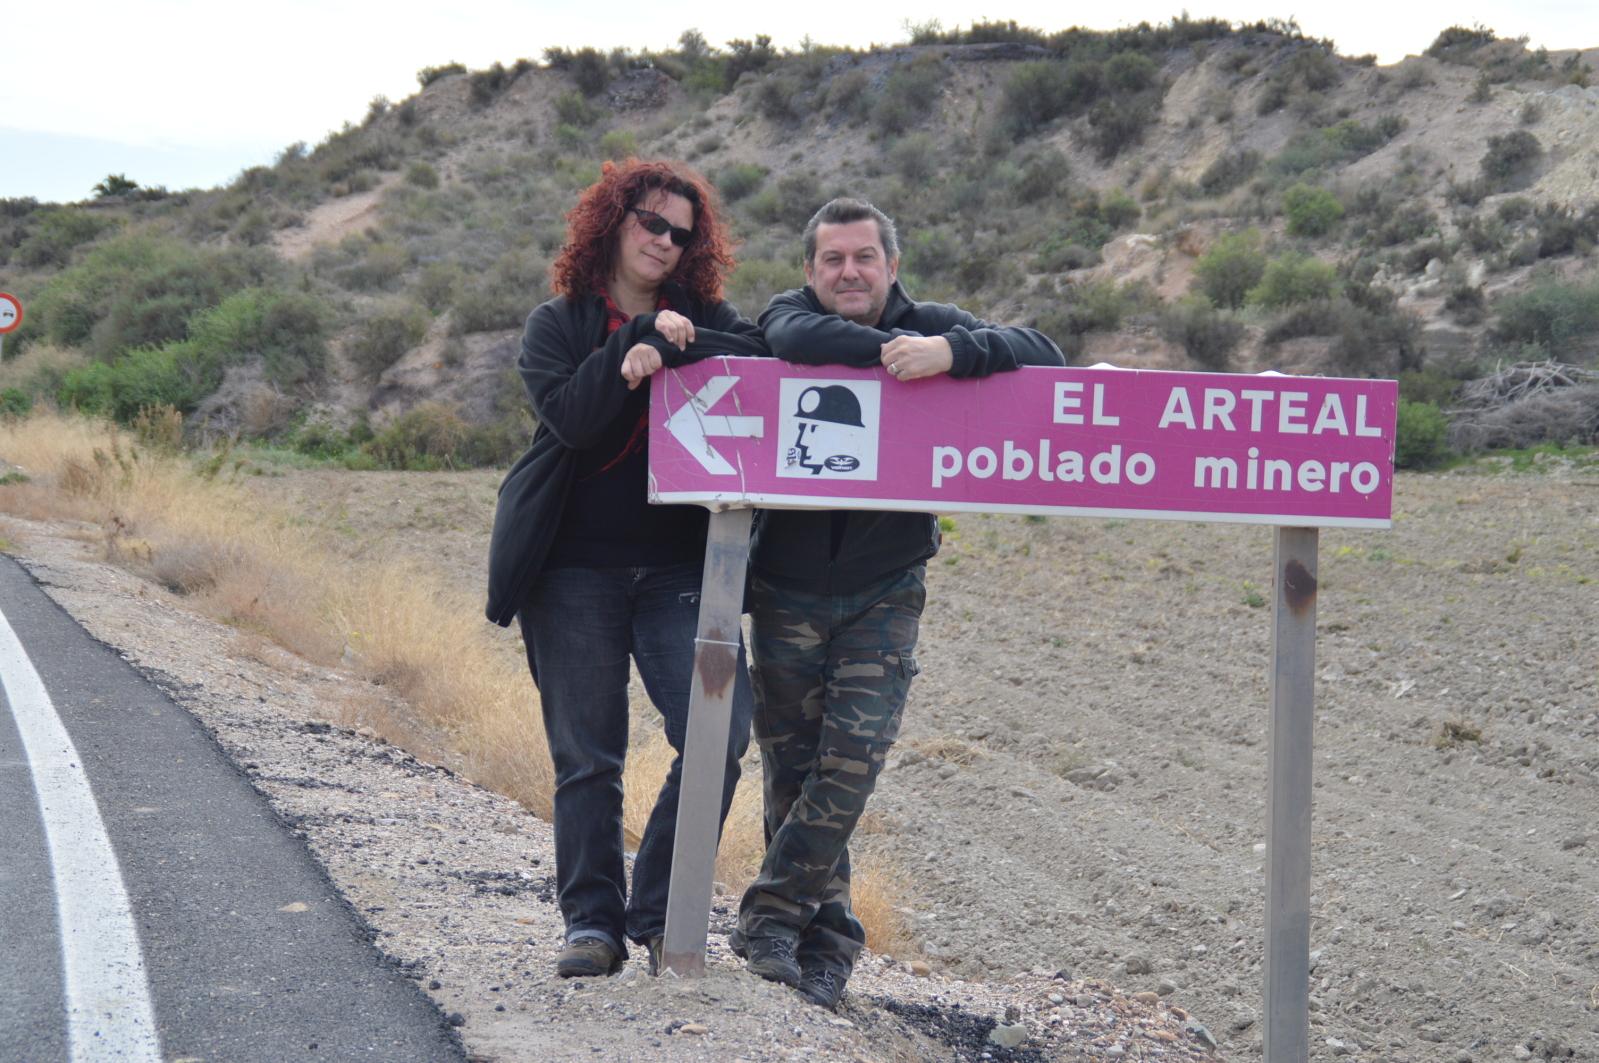 TUNEL DEL ARTEAL (Socavón Santa Bárbara), EL ARTEAL, SIERRA ALMAGRERA, CUEVAS DEL ALMANZORA (Almería) 2j1wwfm